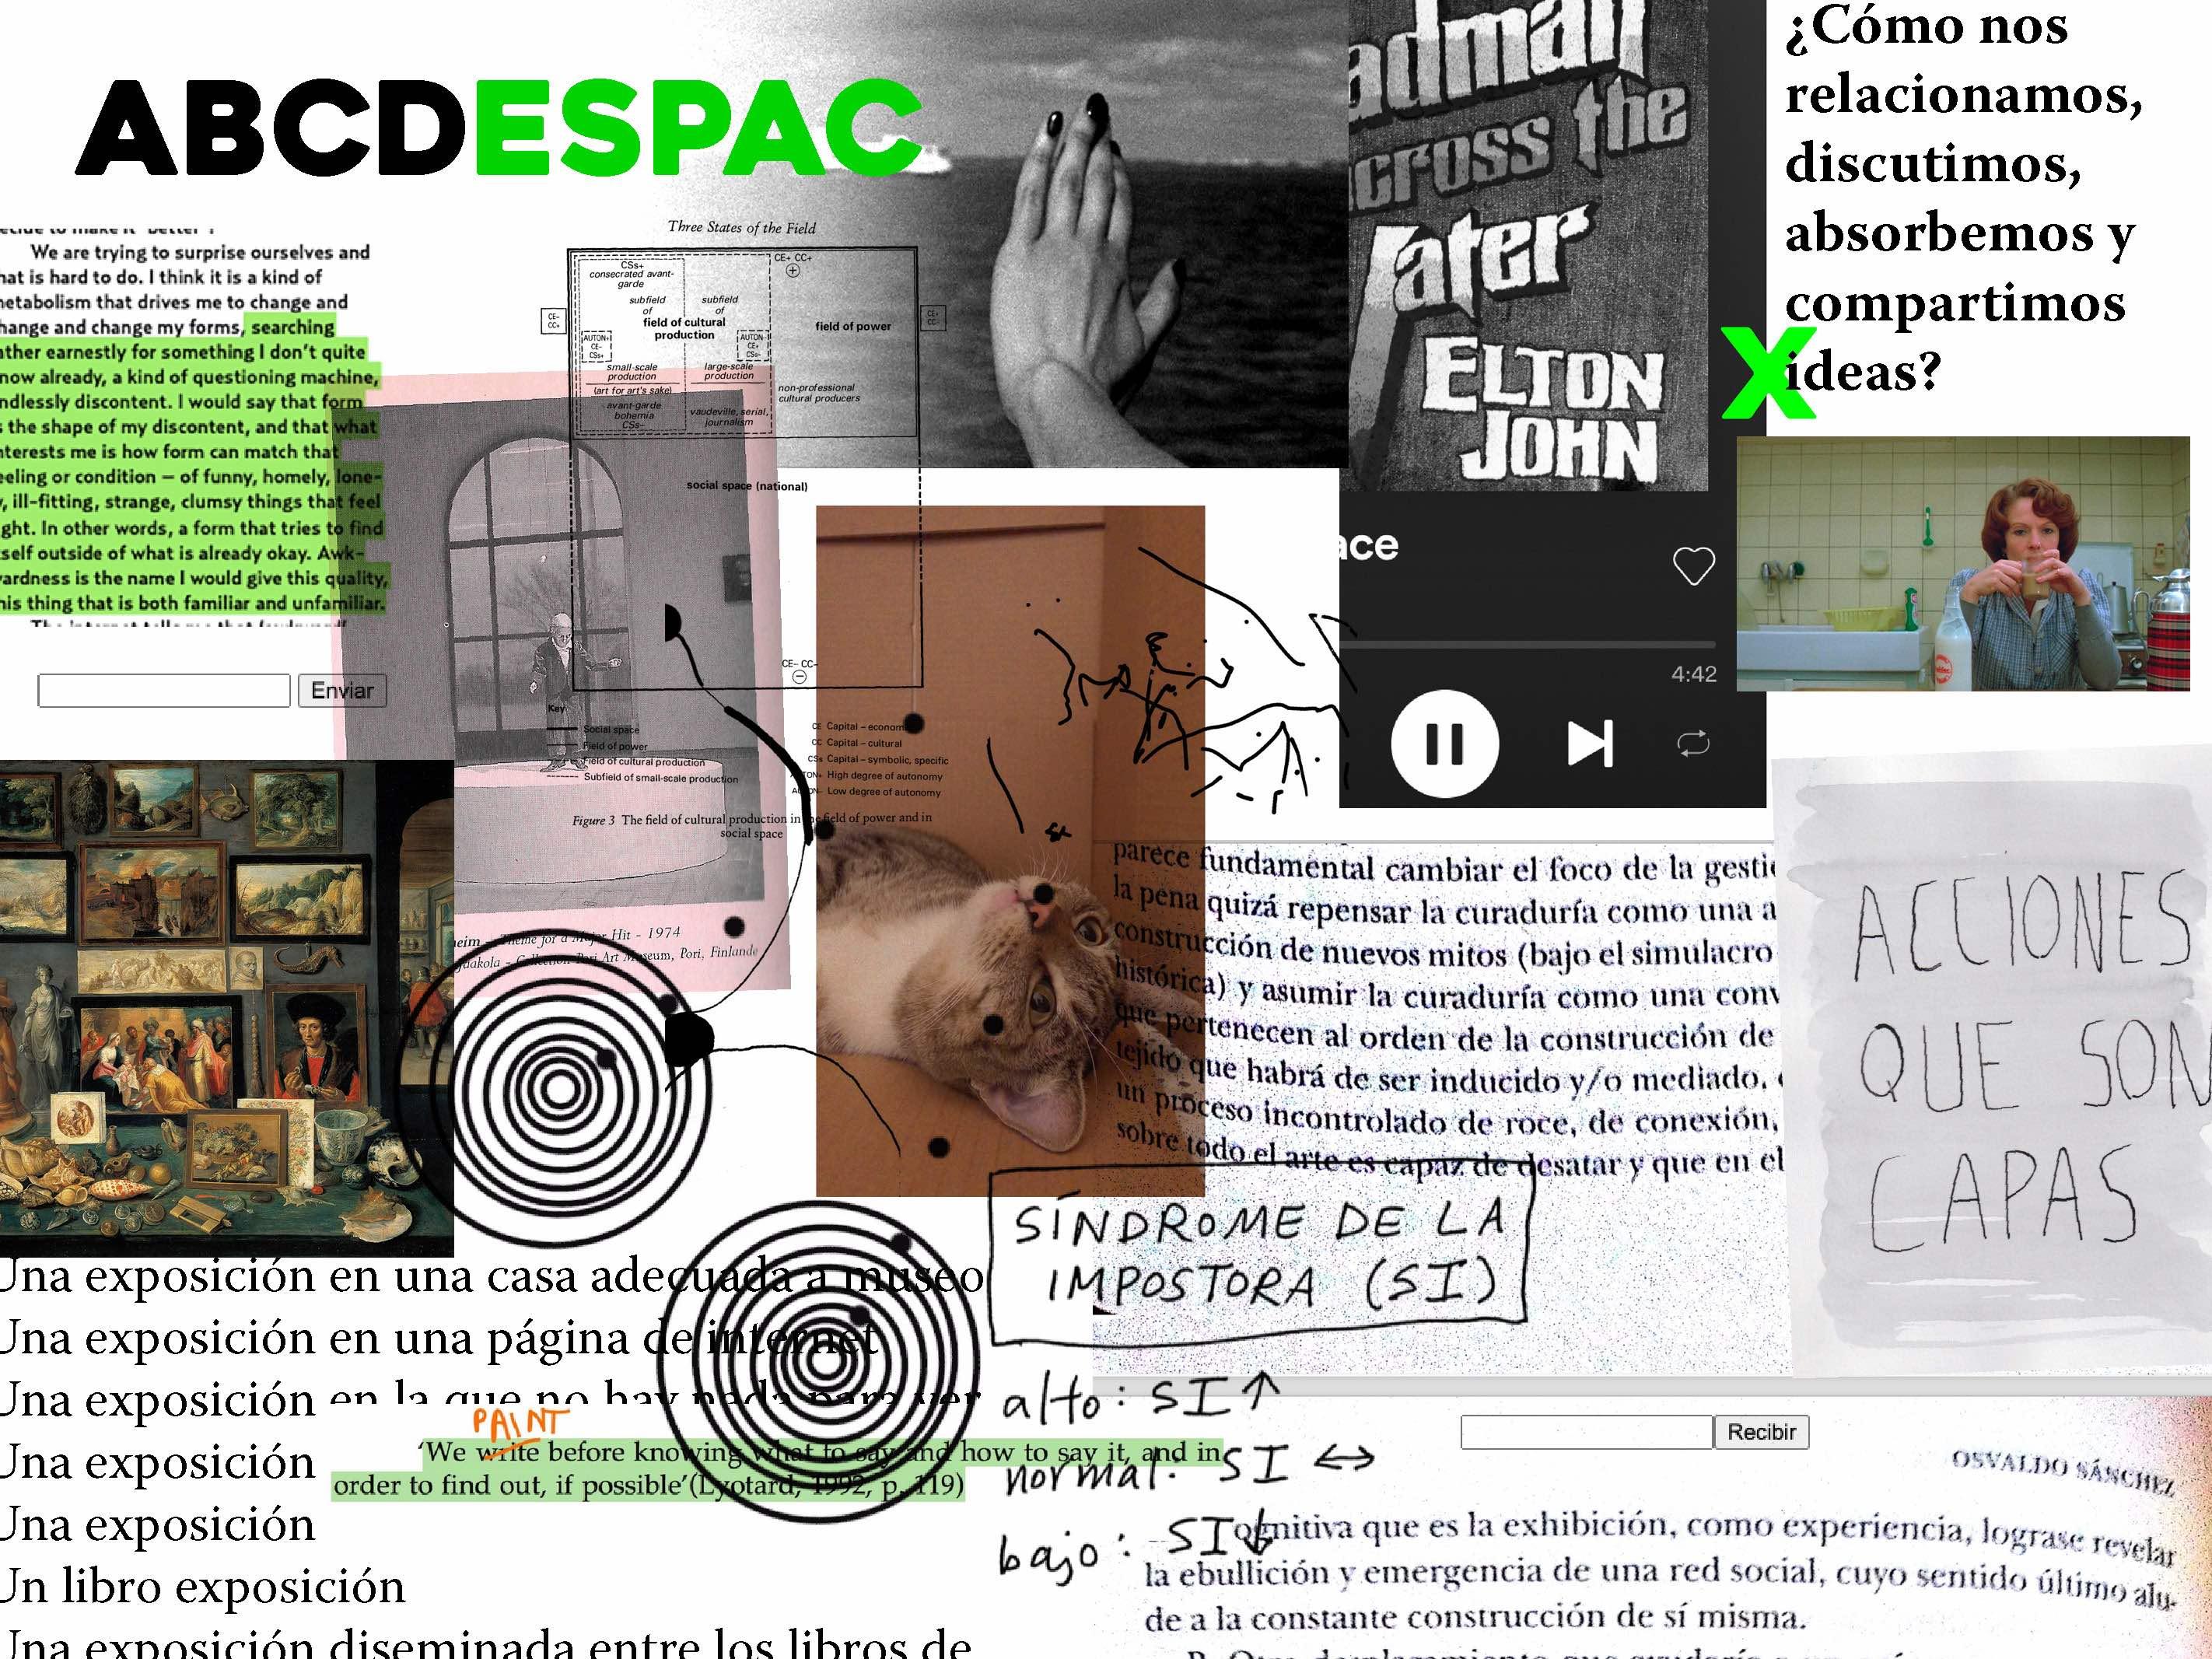 Colaboraciones al Proceso abierto del ABCDESPAC, Disponible en www.espac.org.mx/ABCDESPAC. Cortesía ESPAC